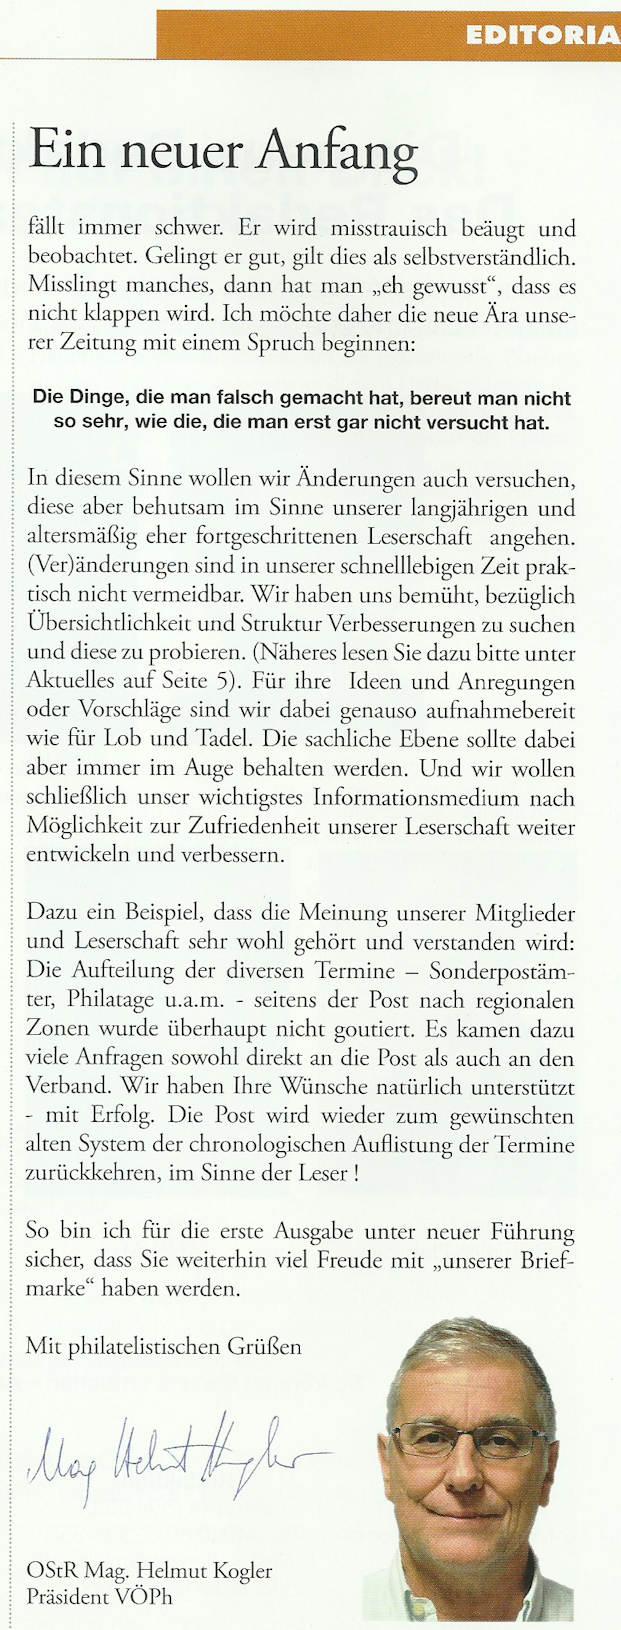 """""""Die Briefmarke"""" ab Februar 2018 vom Schwaneberger Verlag gestaltet. Kogler10"""